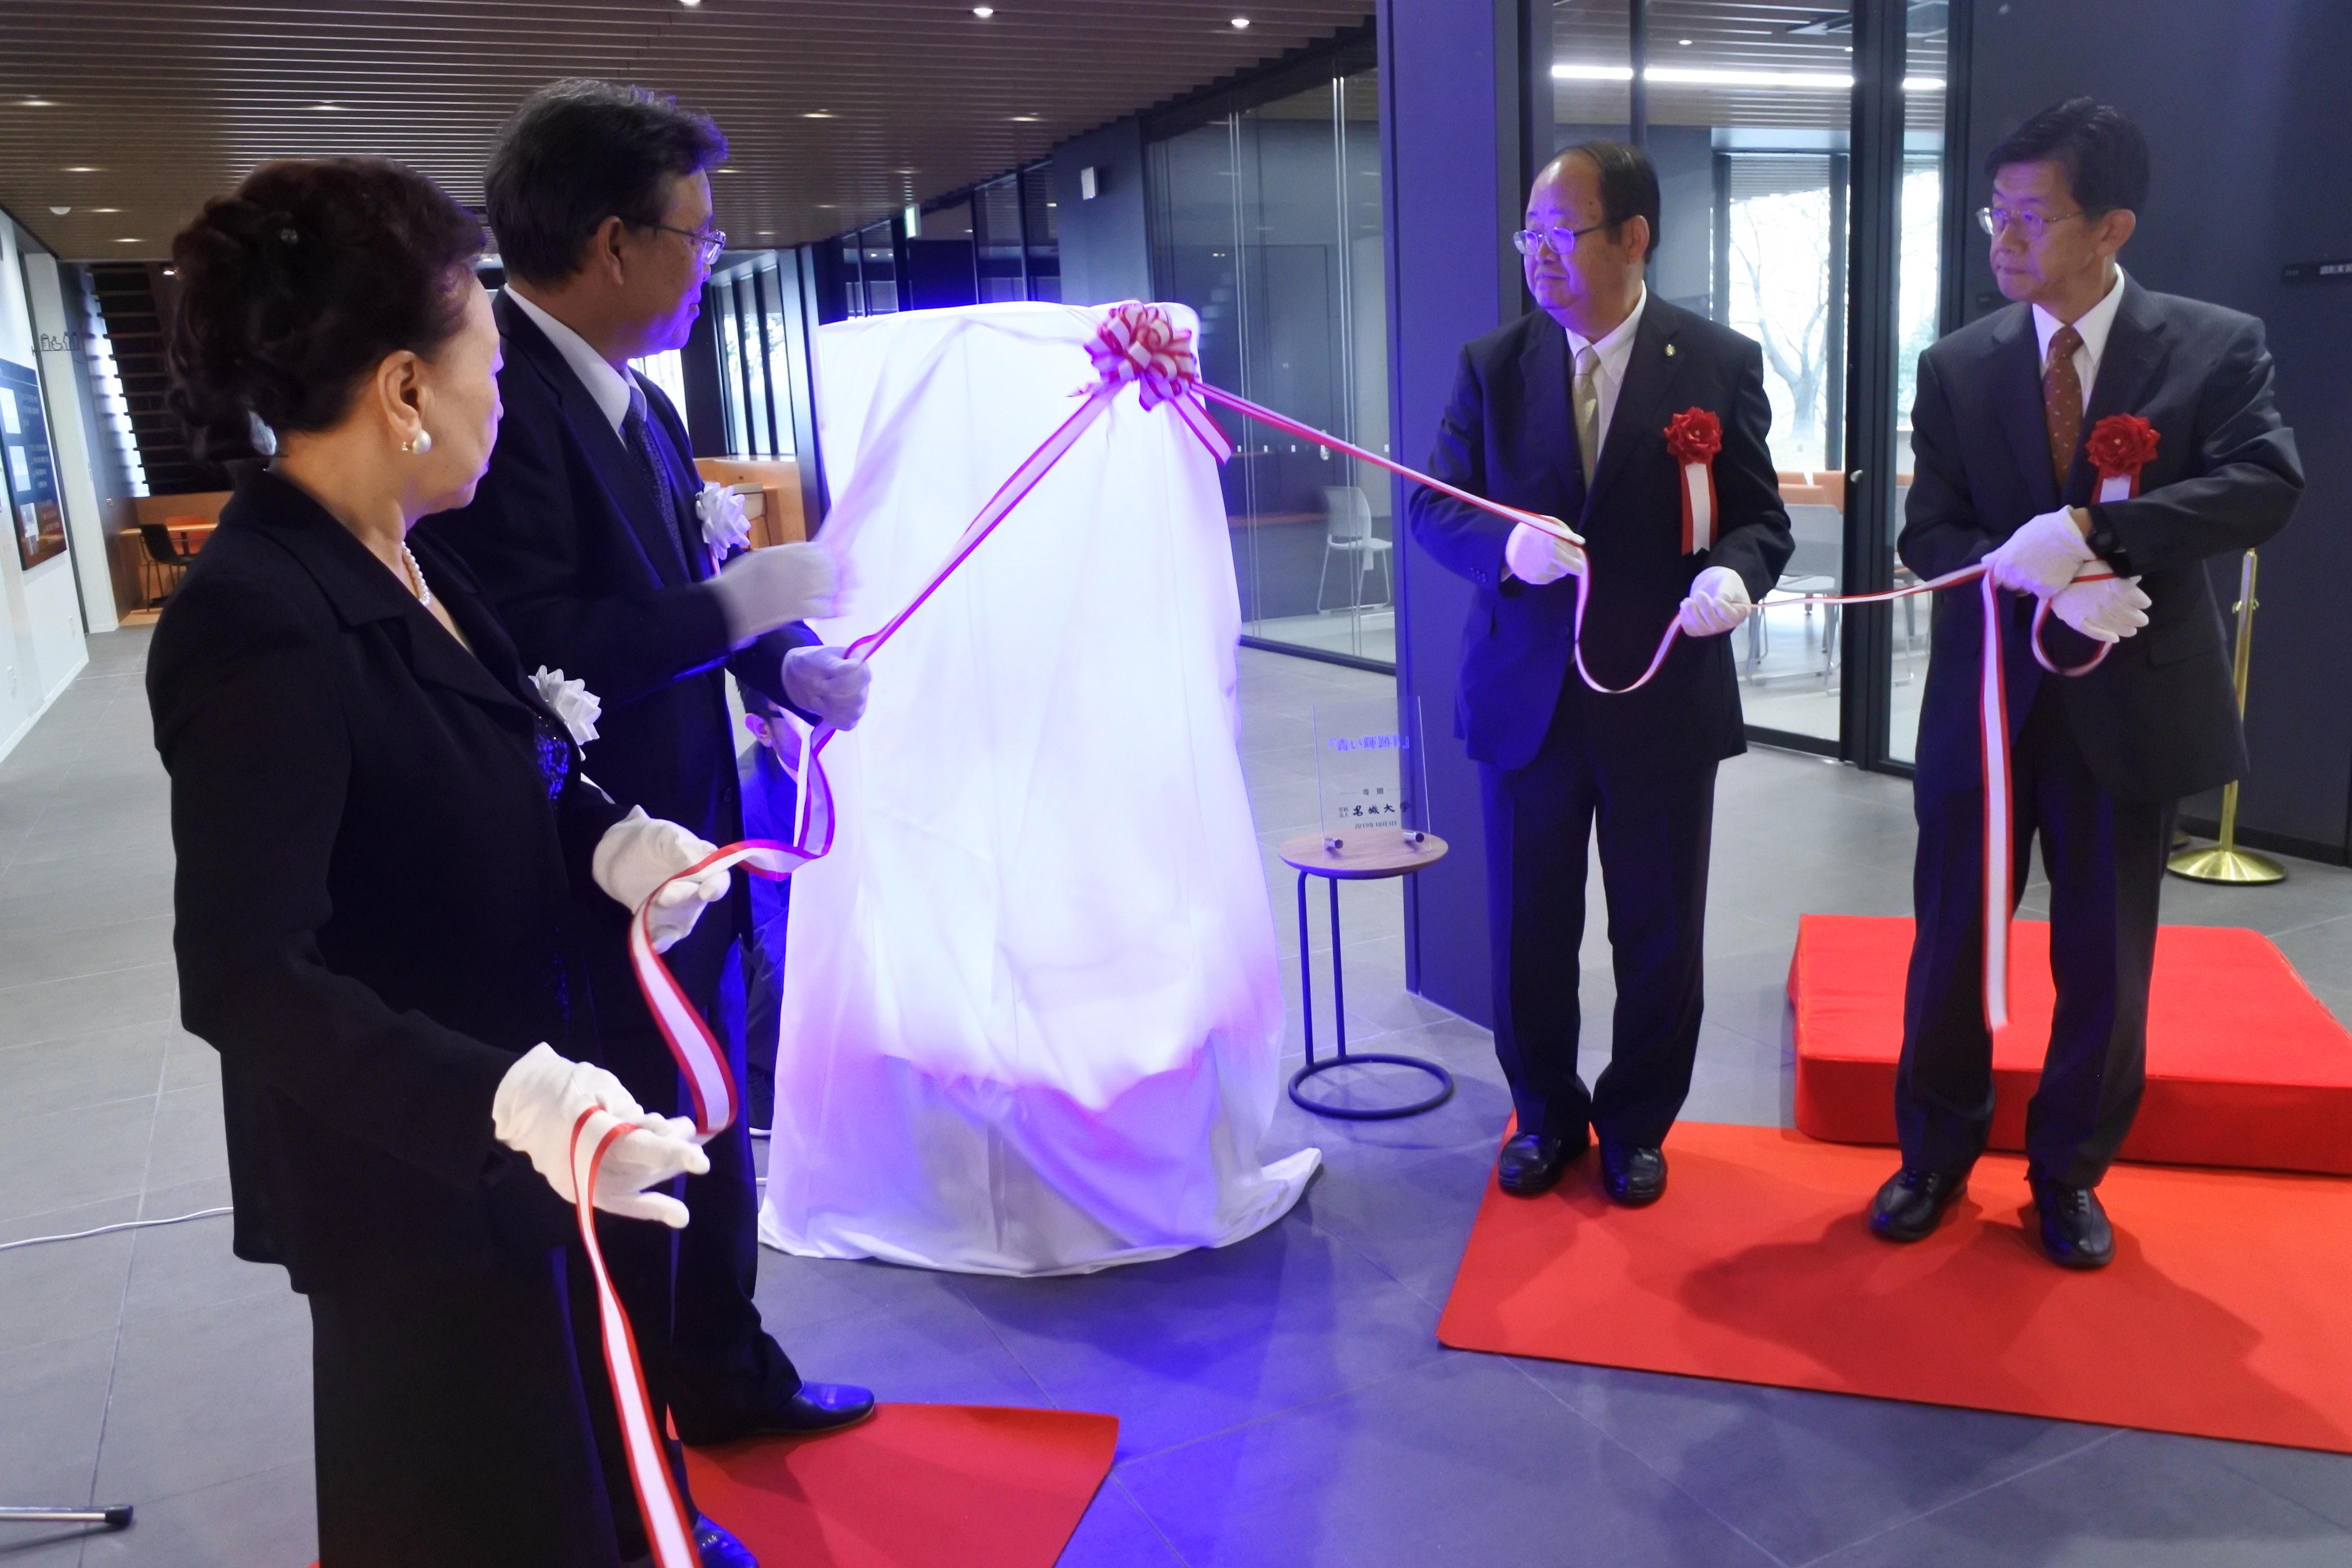 「青い輝跡Ⅱ」を除幕する(左から)神野公子名誉理事長、山田弘幸理事長、立花貞司理事長、平松正行理事